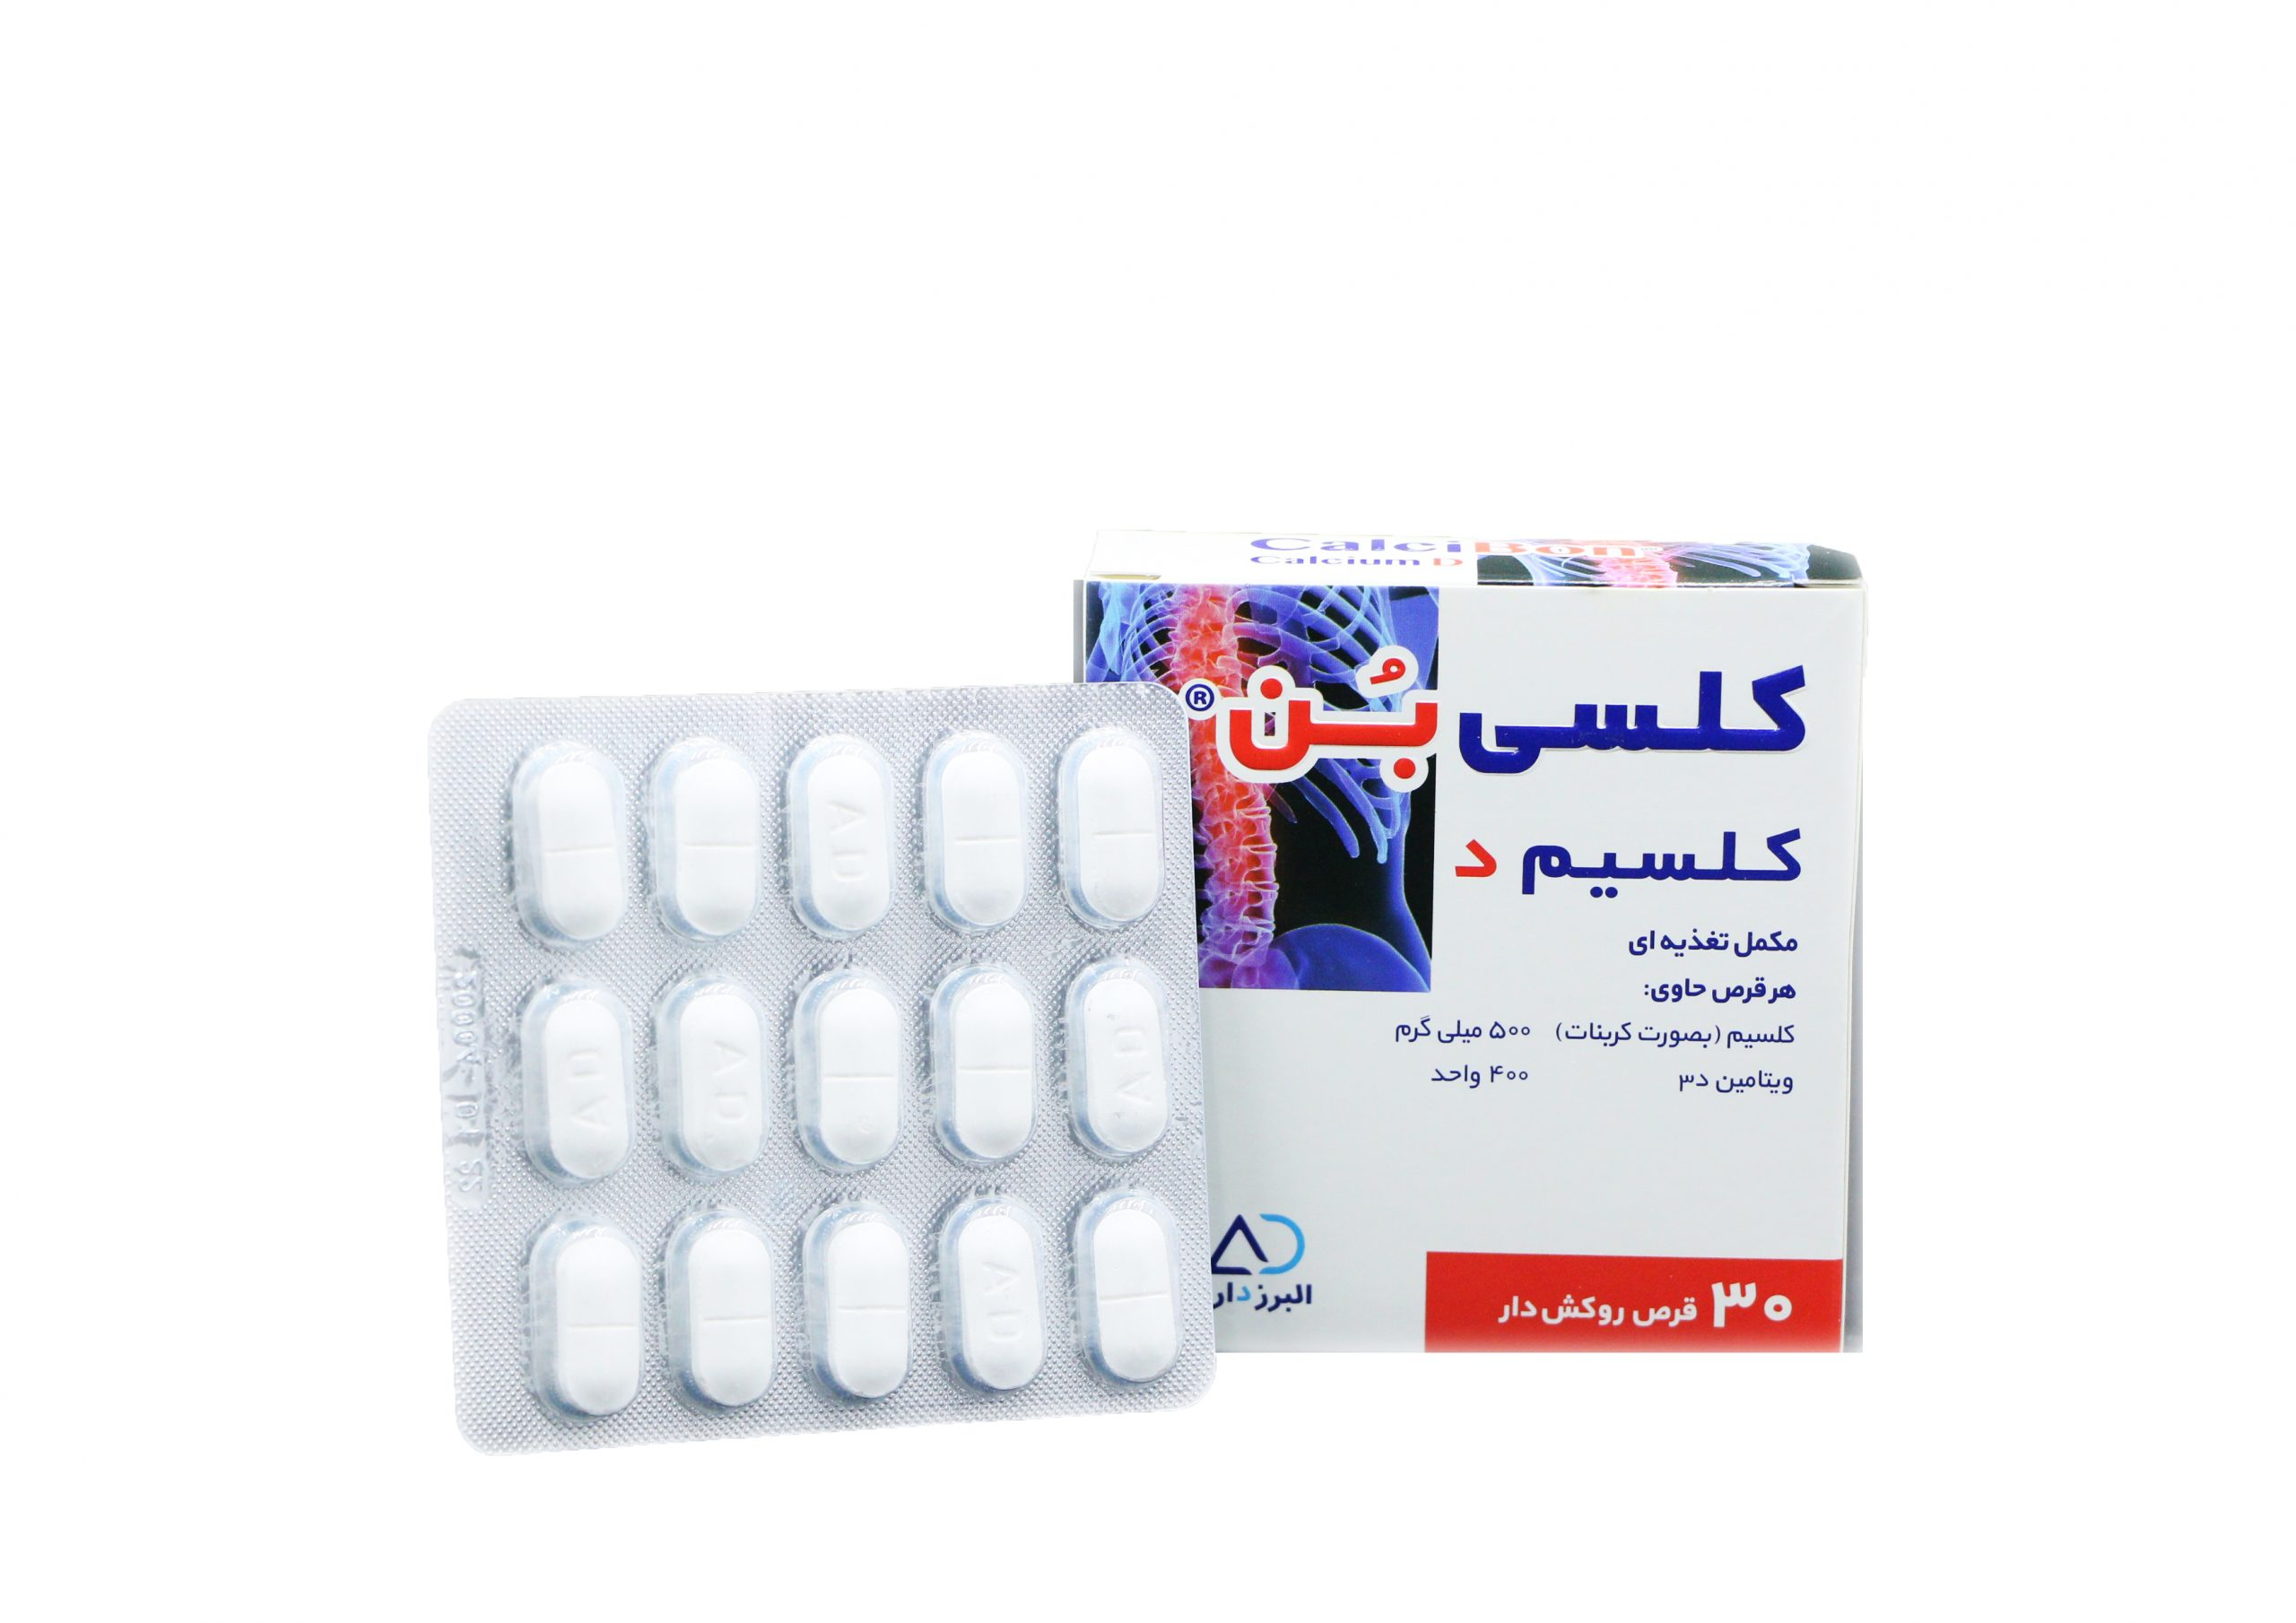 کلسي بن ( کلسيم د )500م گ/200و قرص 30ع - البرزدارو